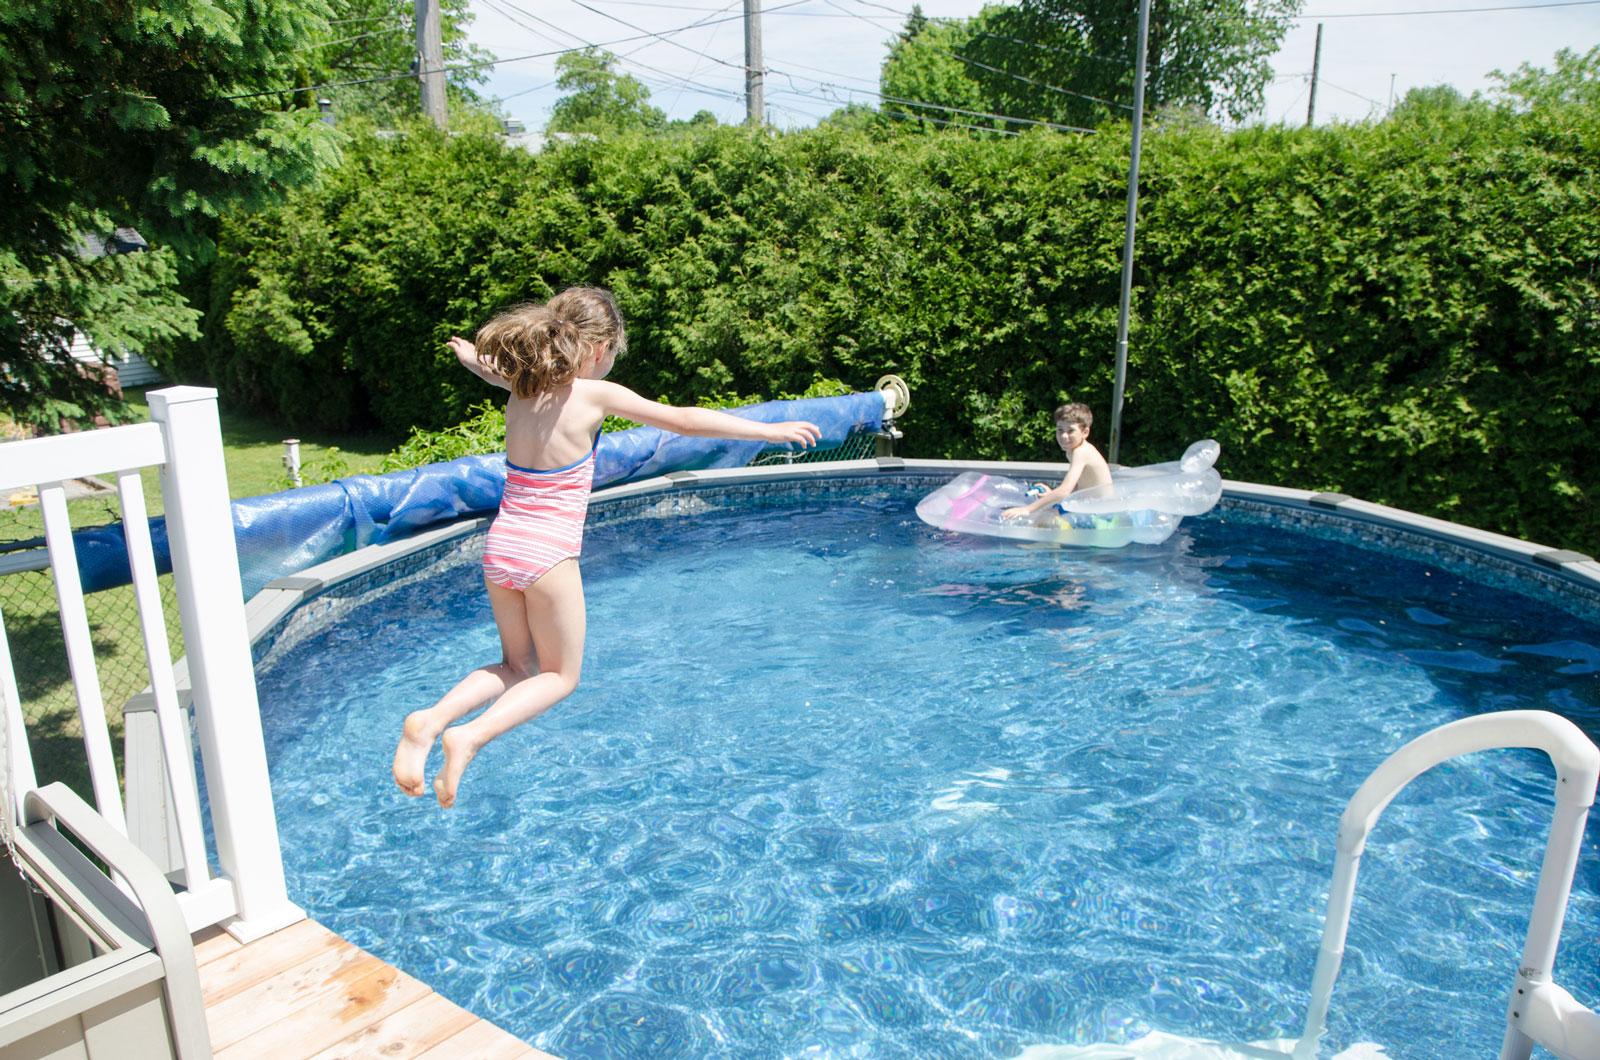 Vergleichsweise günstig in der Anschaffung: temporäre Schwimmbecken.